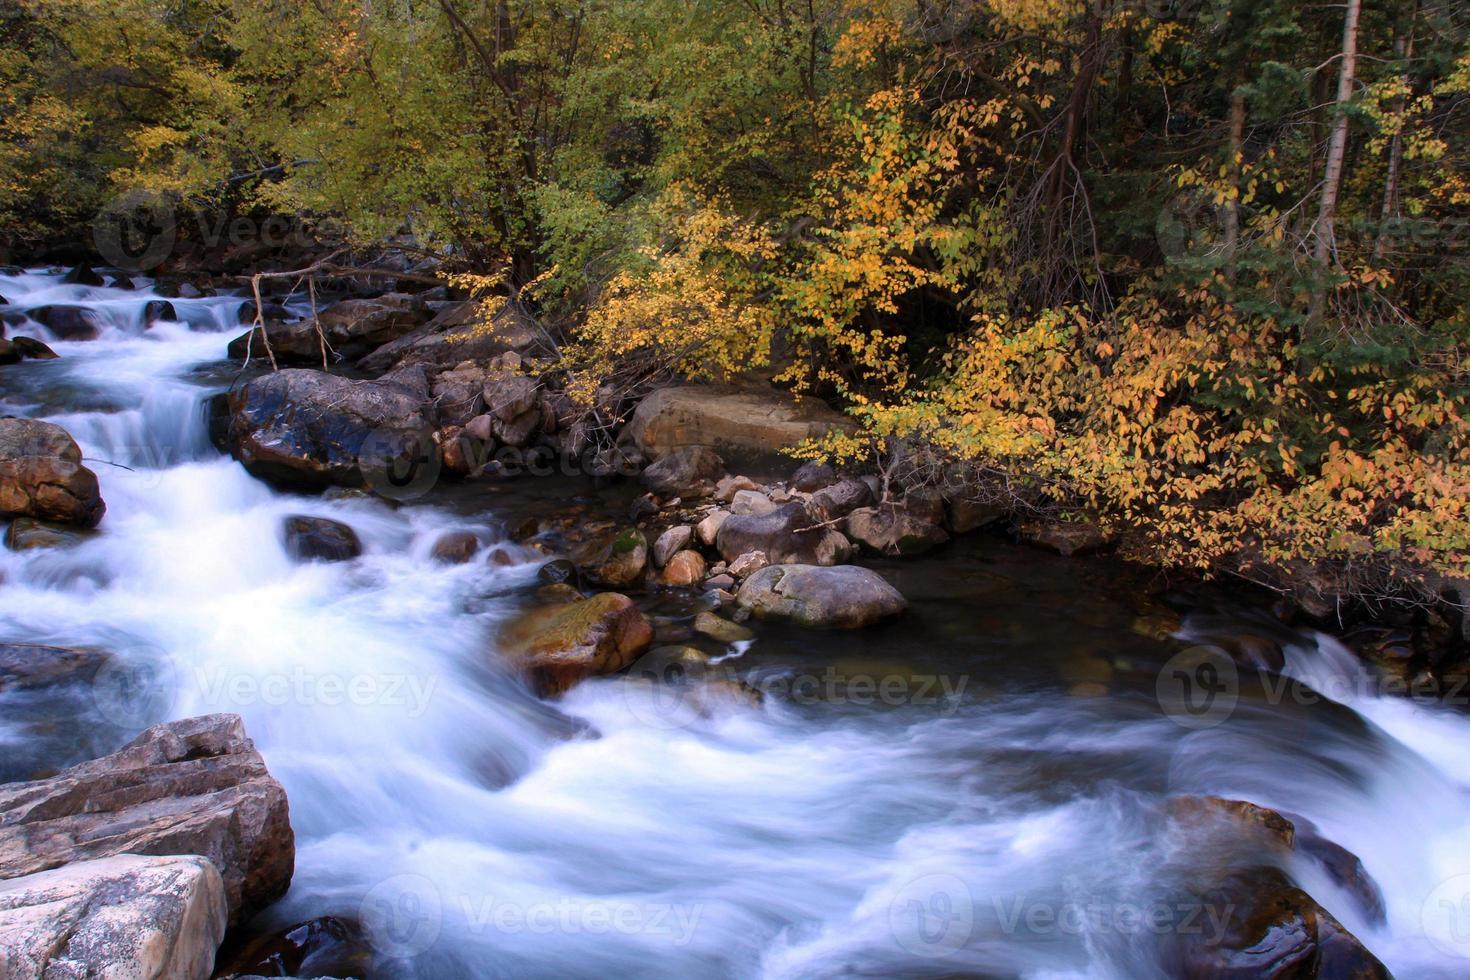 corriente de agua corriente, montañas de utah caen color río rápido foto